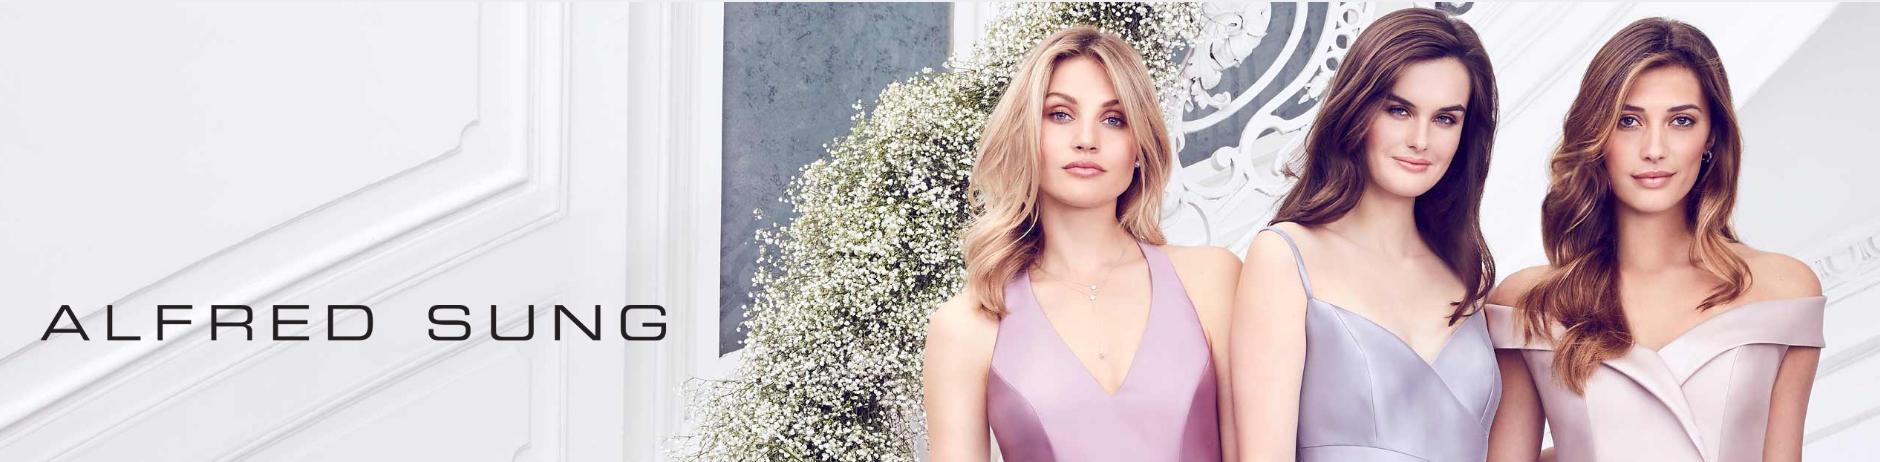 bella-mera-bridal-alfred-sung-dresses-2020.png